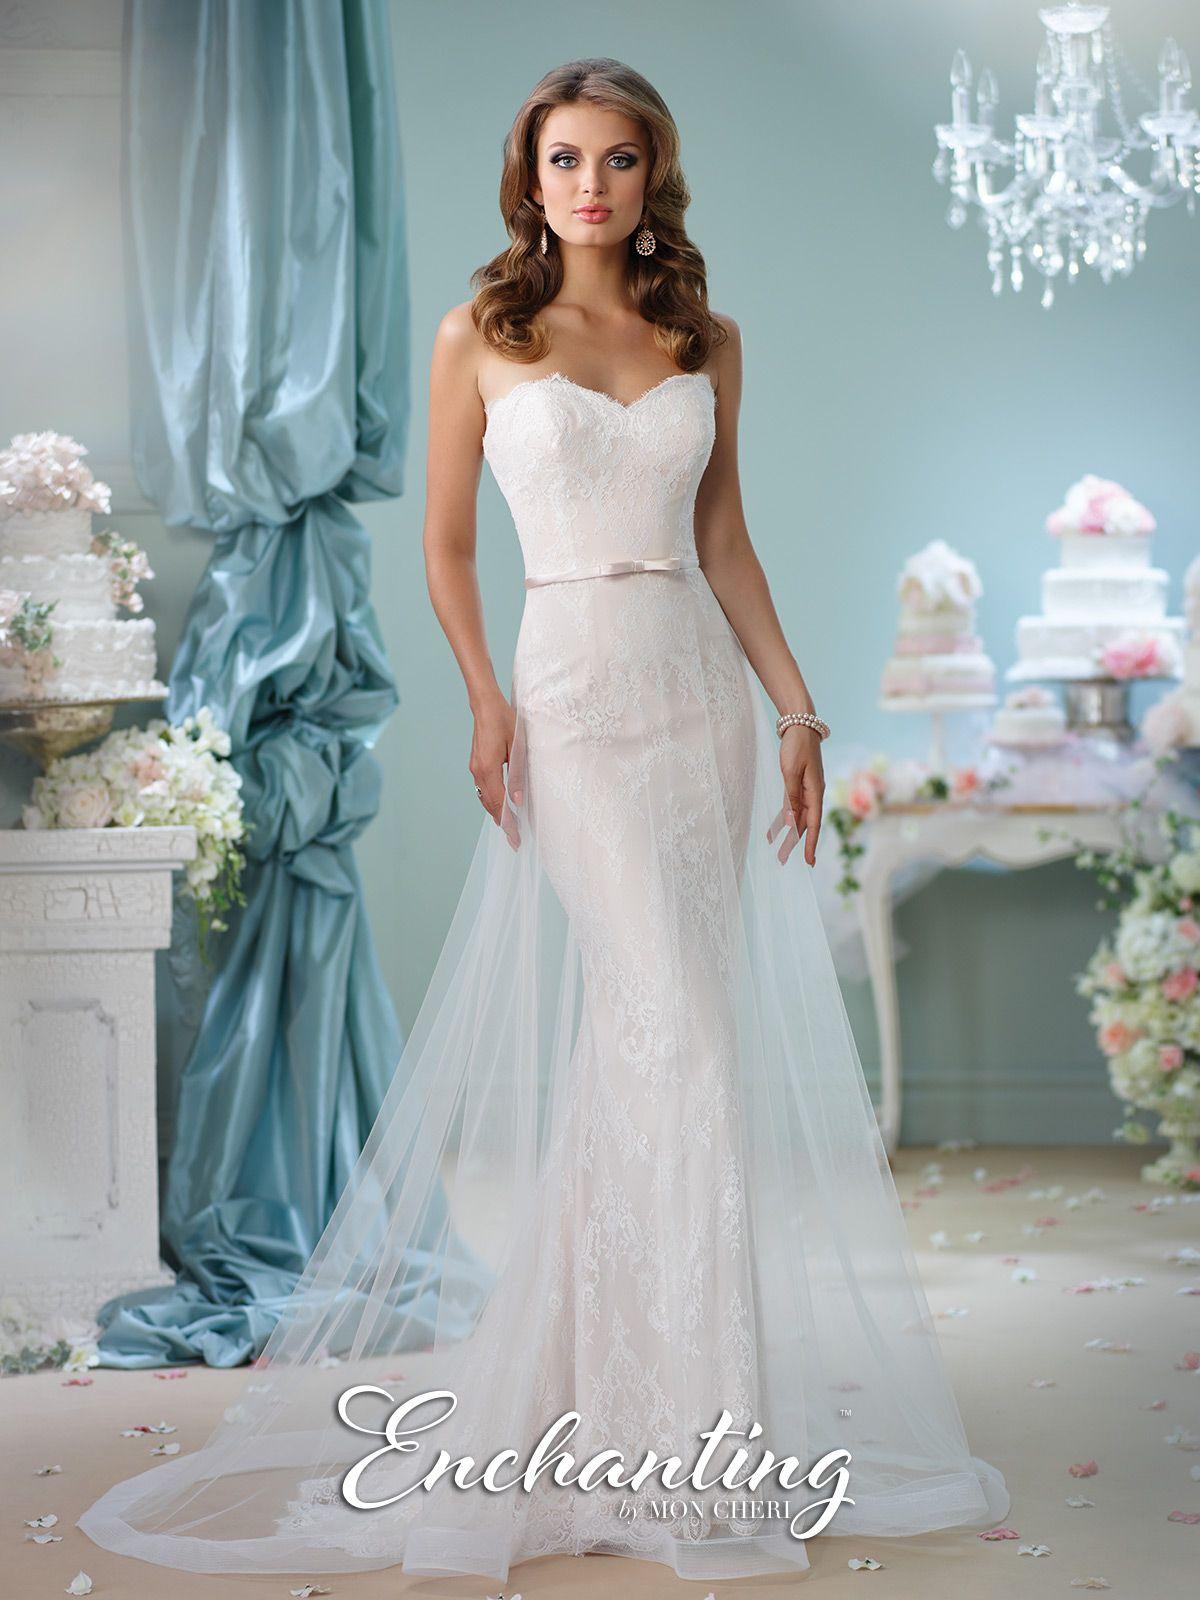 informal color wedding dresses